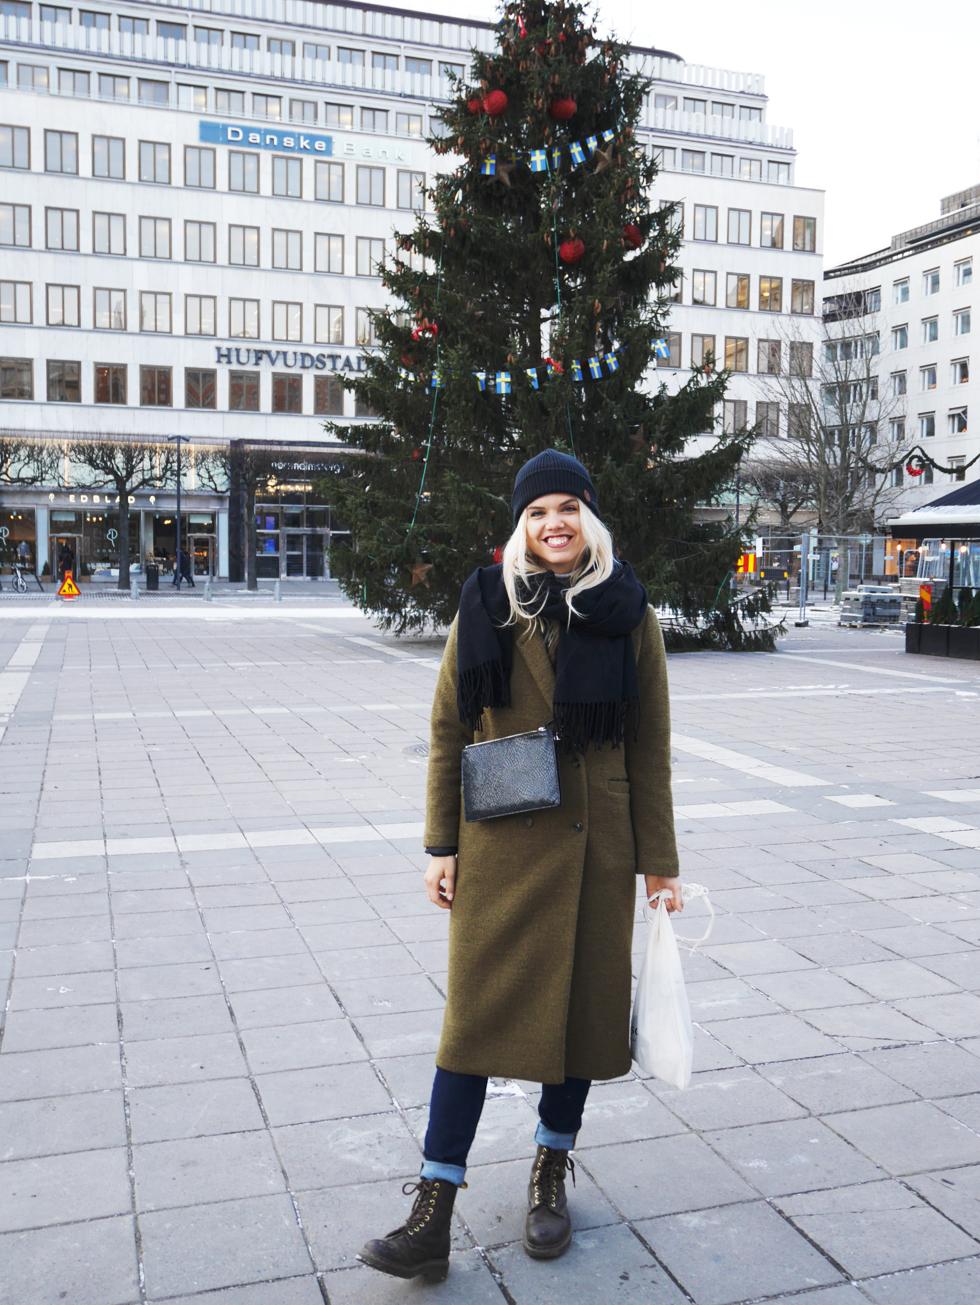 Flora Wiström - flora.metromode.se